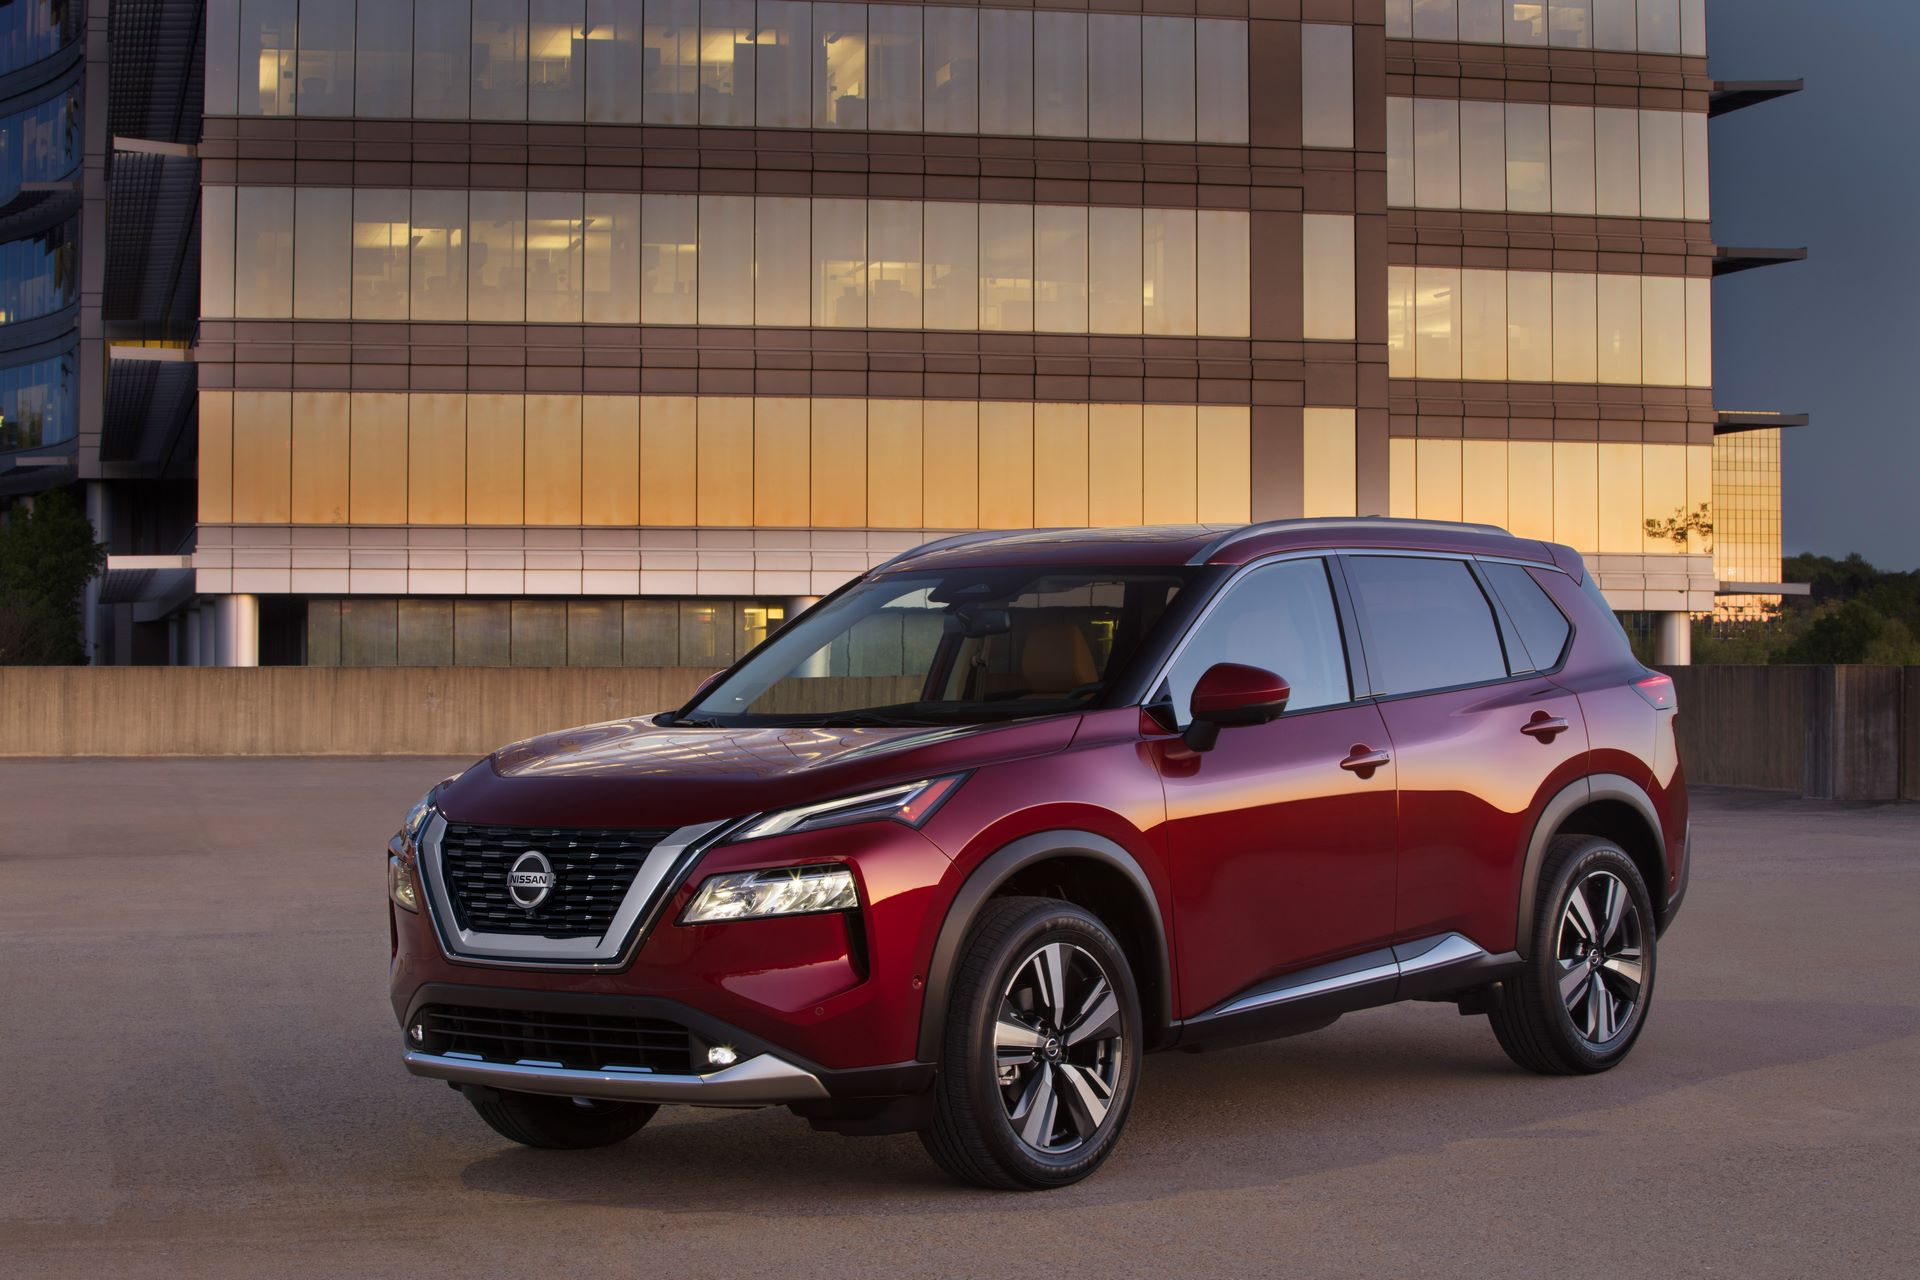 Nissan-X-Trail-2021-8